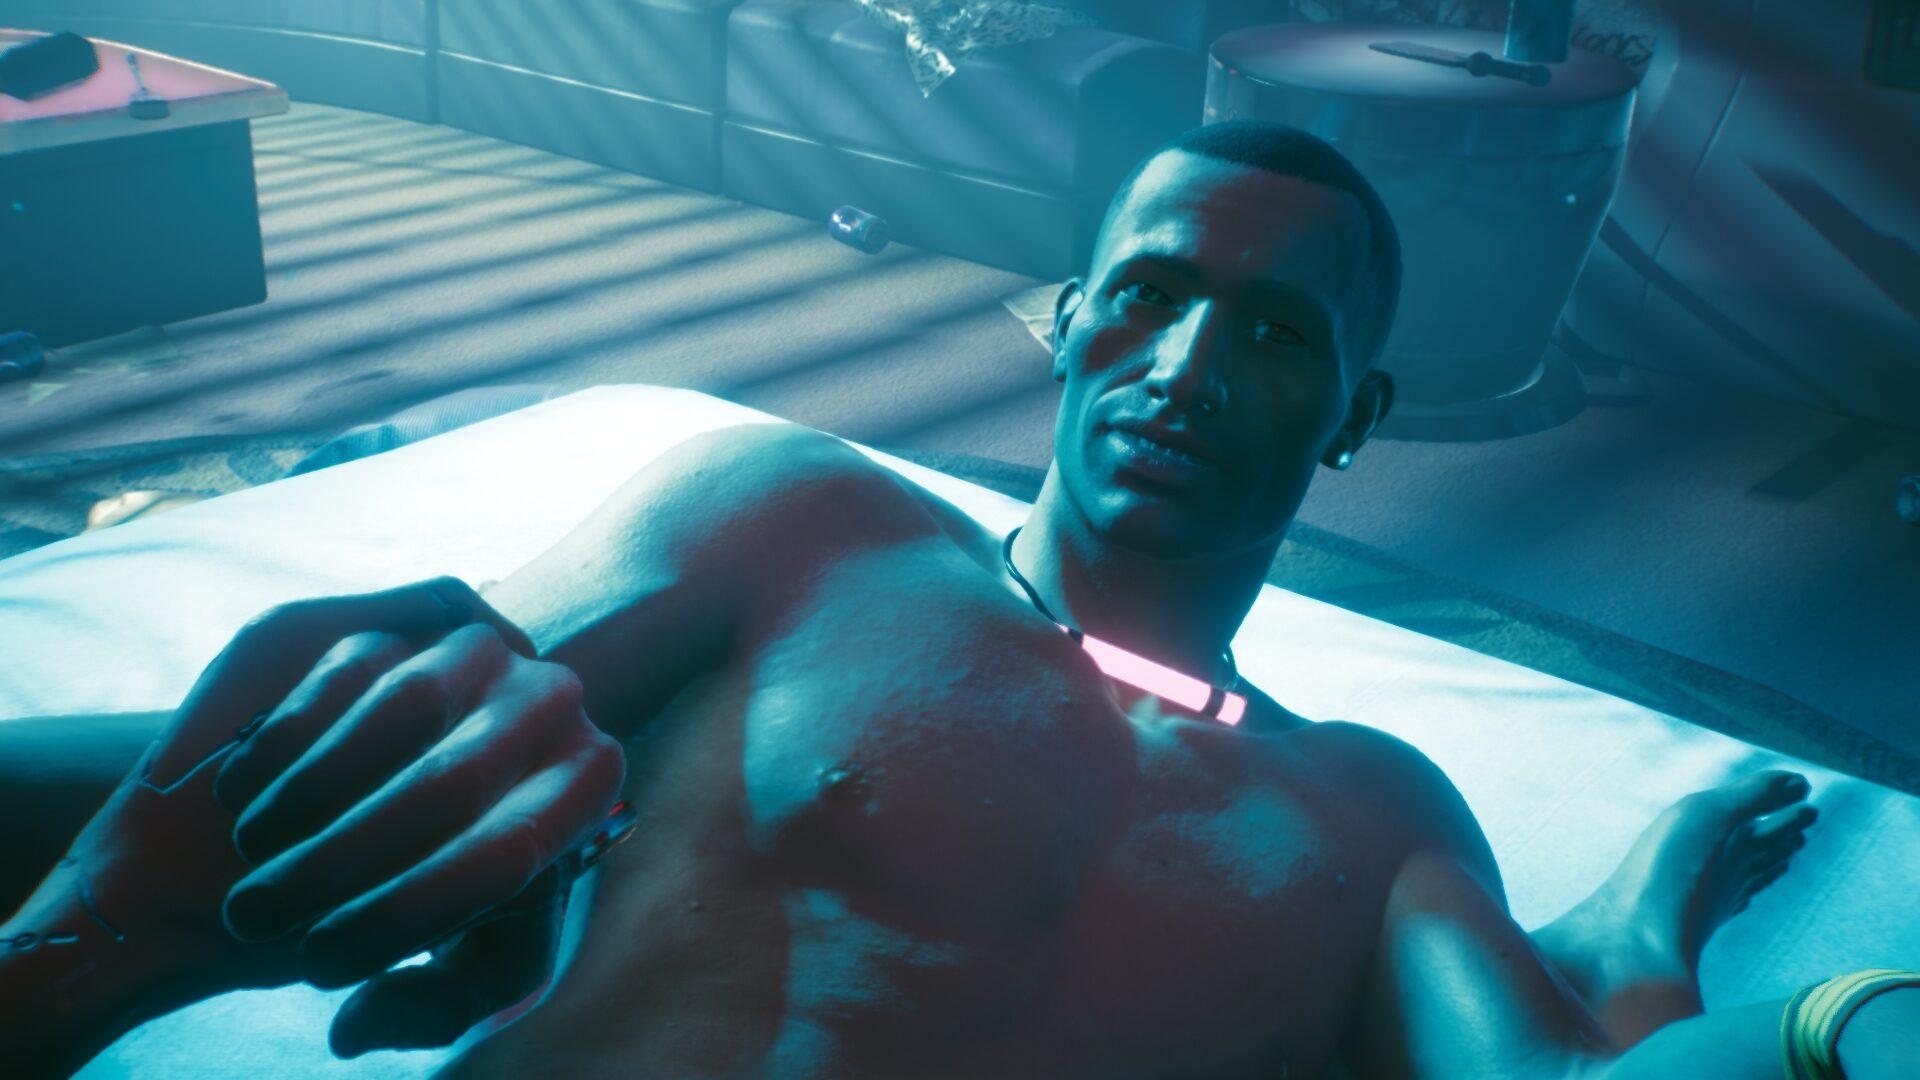 Cyberpunk 2077 Sex-Kolumne Nackter Mann auf Bett, der Frauenhand hält in türkisblauer Lichtstimmung